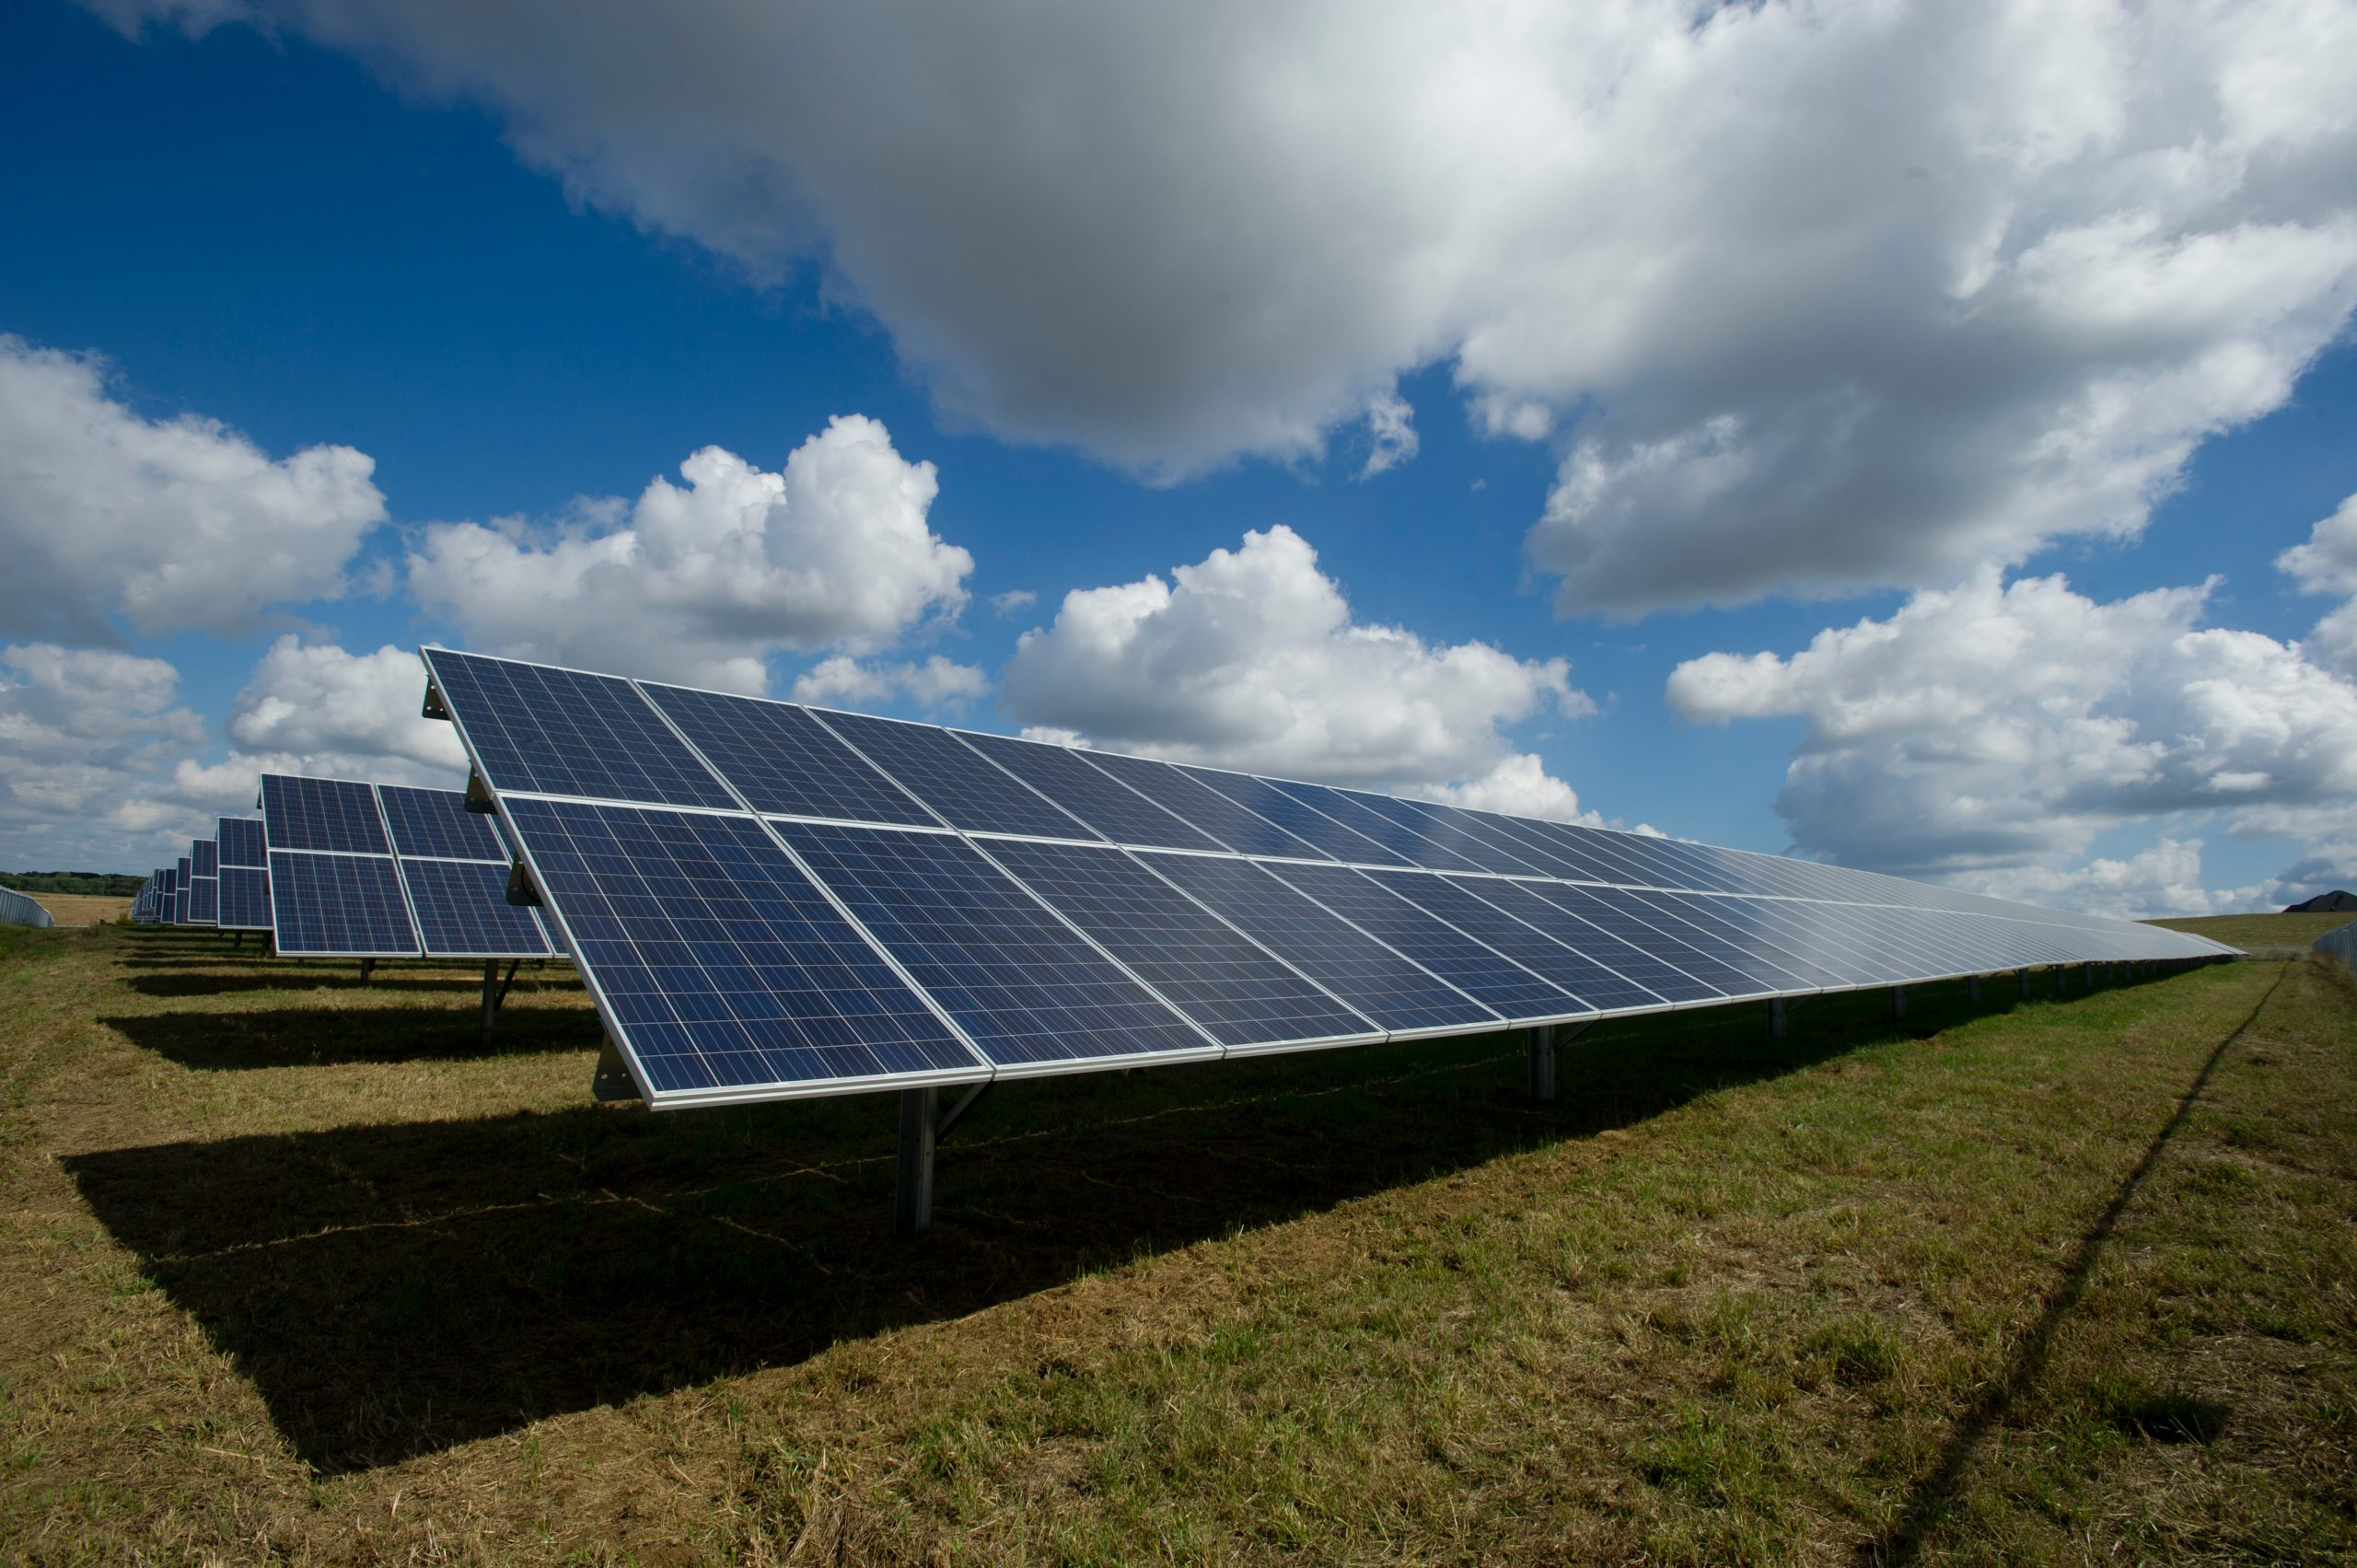 Nemecko vďaka nižšiemu smogu zlomilo rekord v produkcii solárnej energie!?